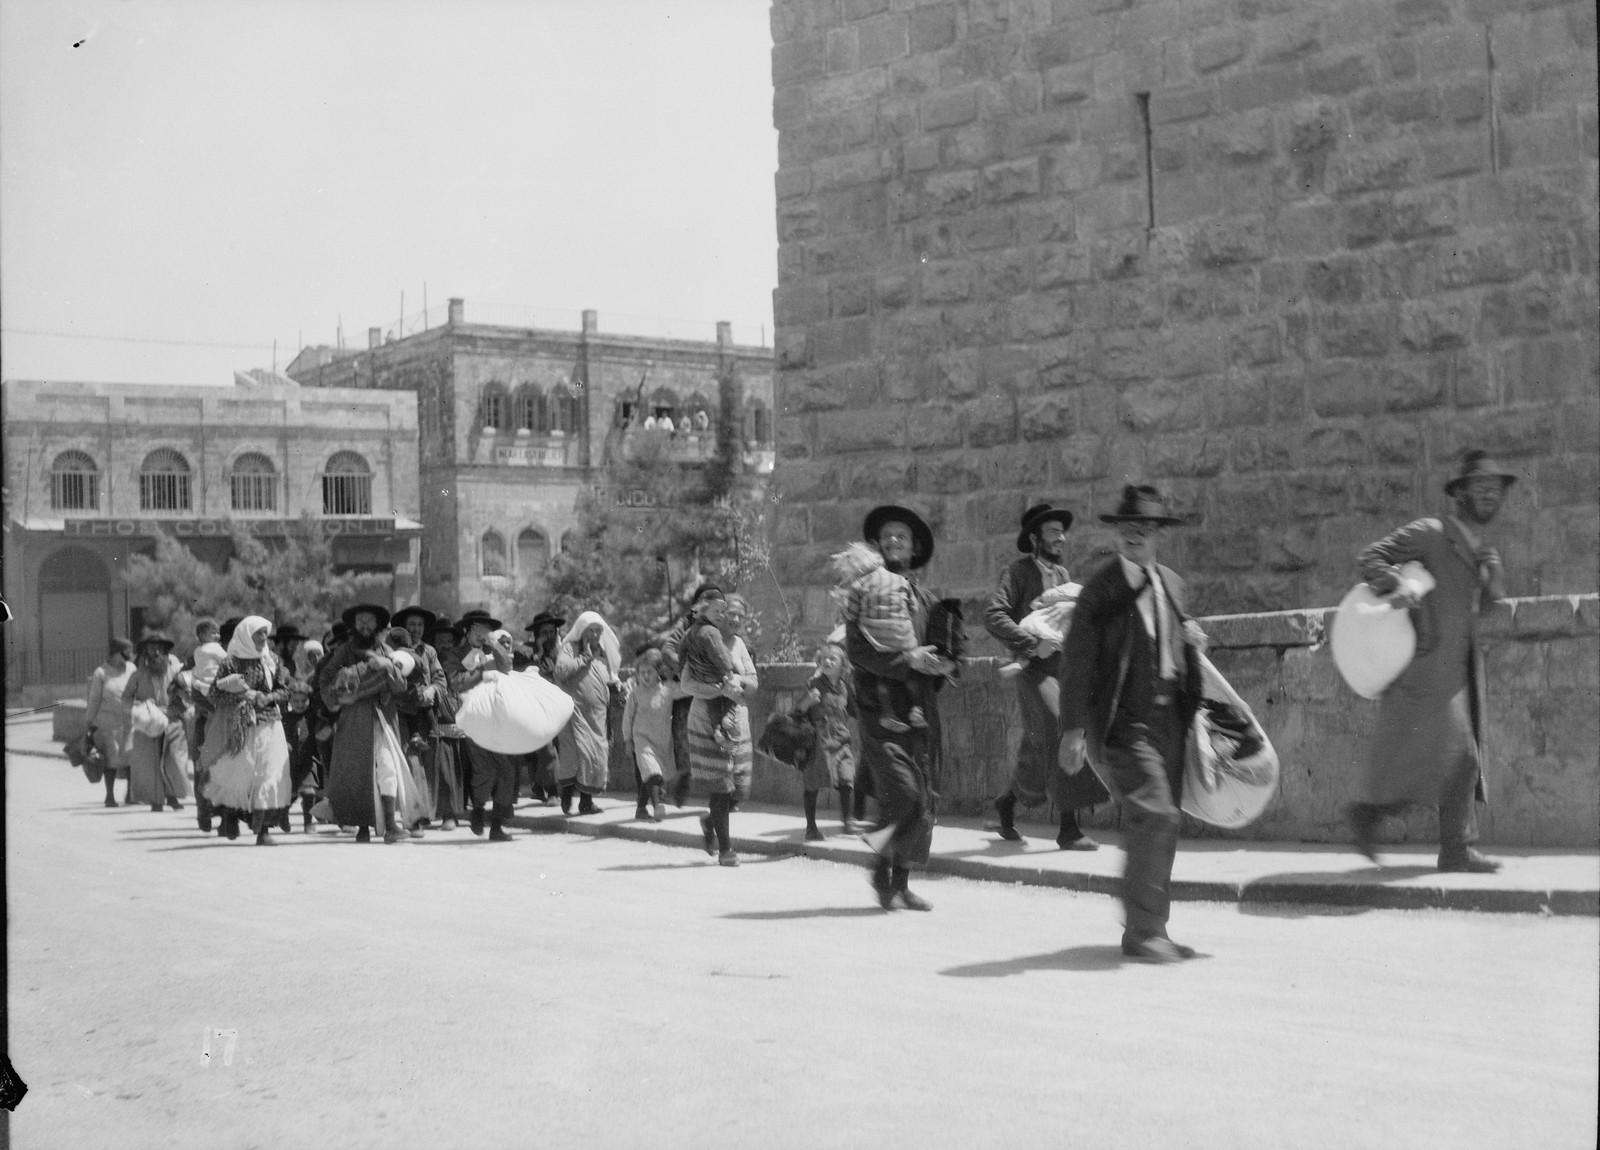 13. 23–31 августа. Еврейские семьи бегут из Старого города с сумкой и багажом у Яффских ворот в Иерусалиме